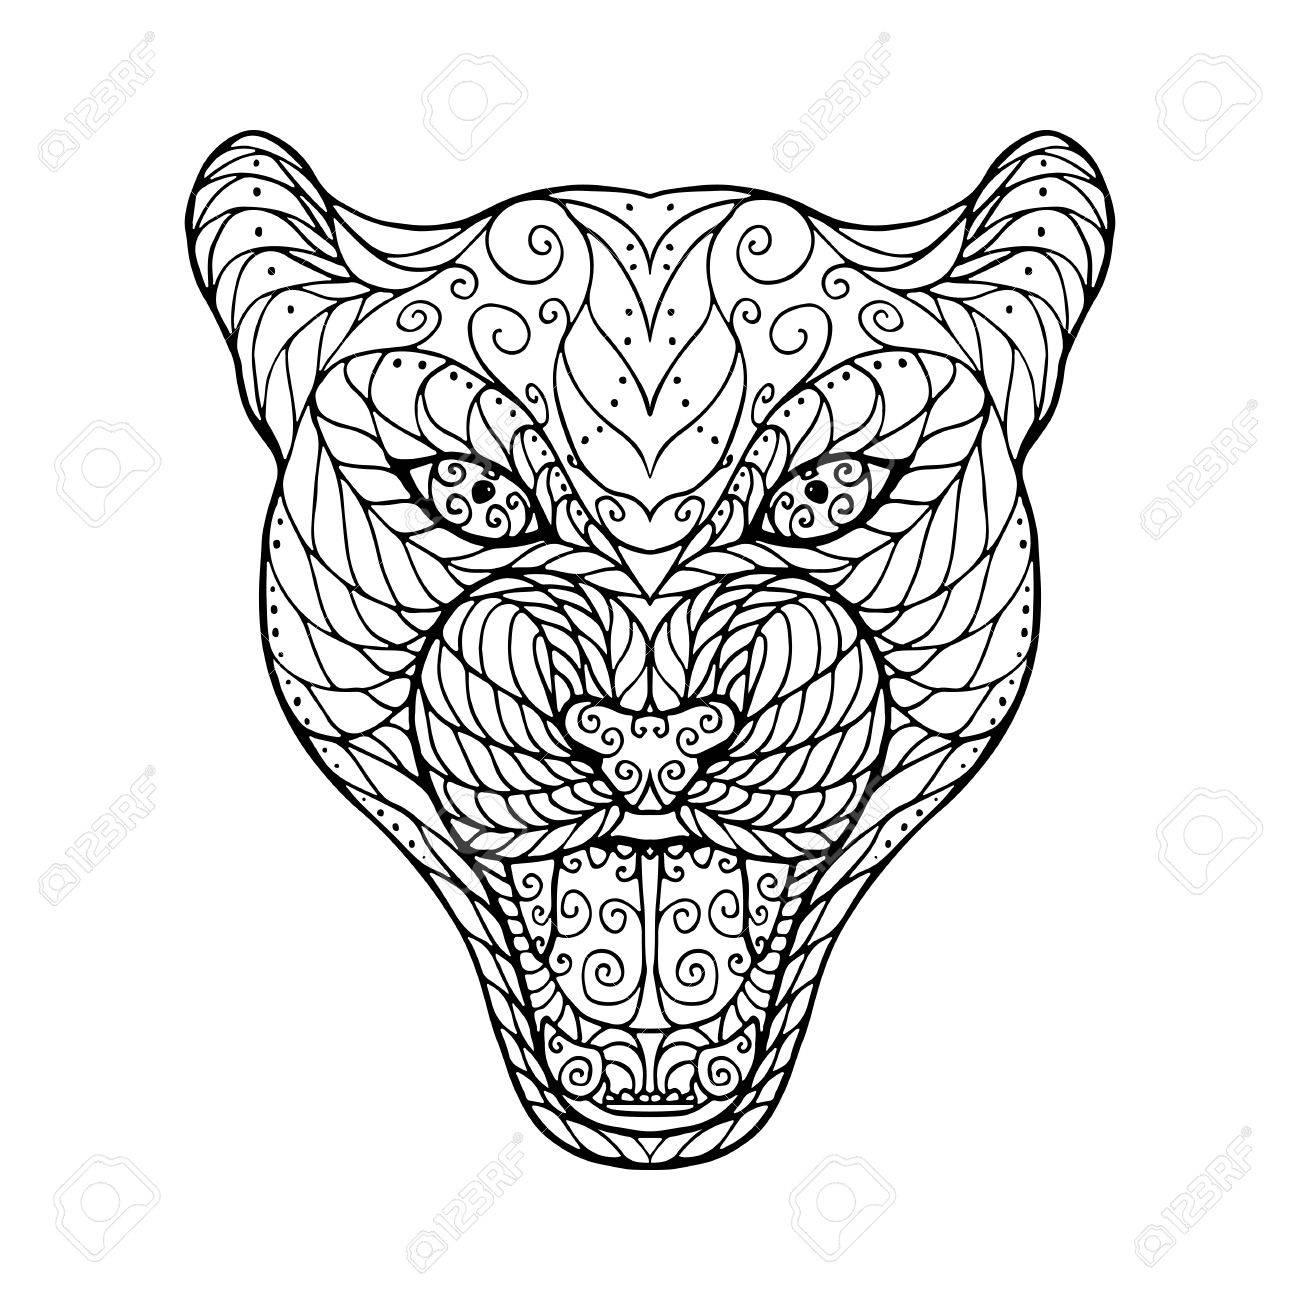 Zen Wirwar Hoofd Van Jaguar Voor Volwassen Anti Stress Kleurplaat